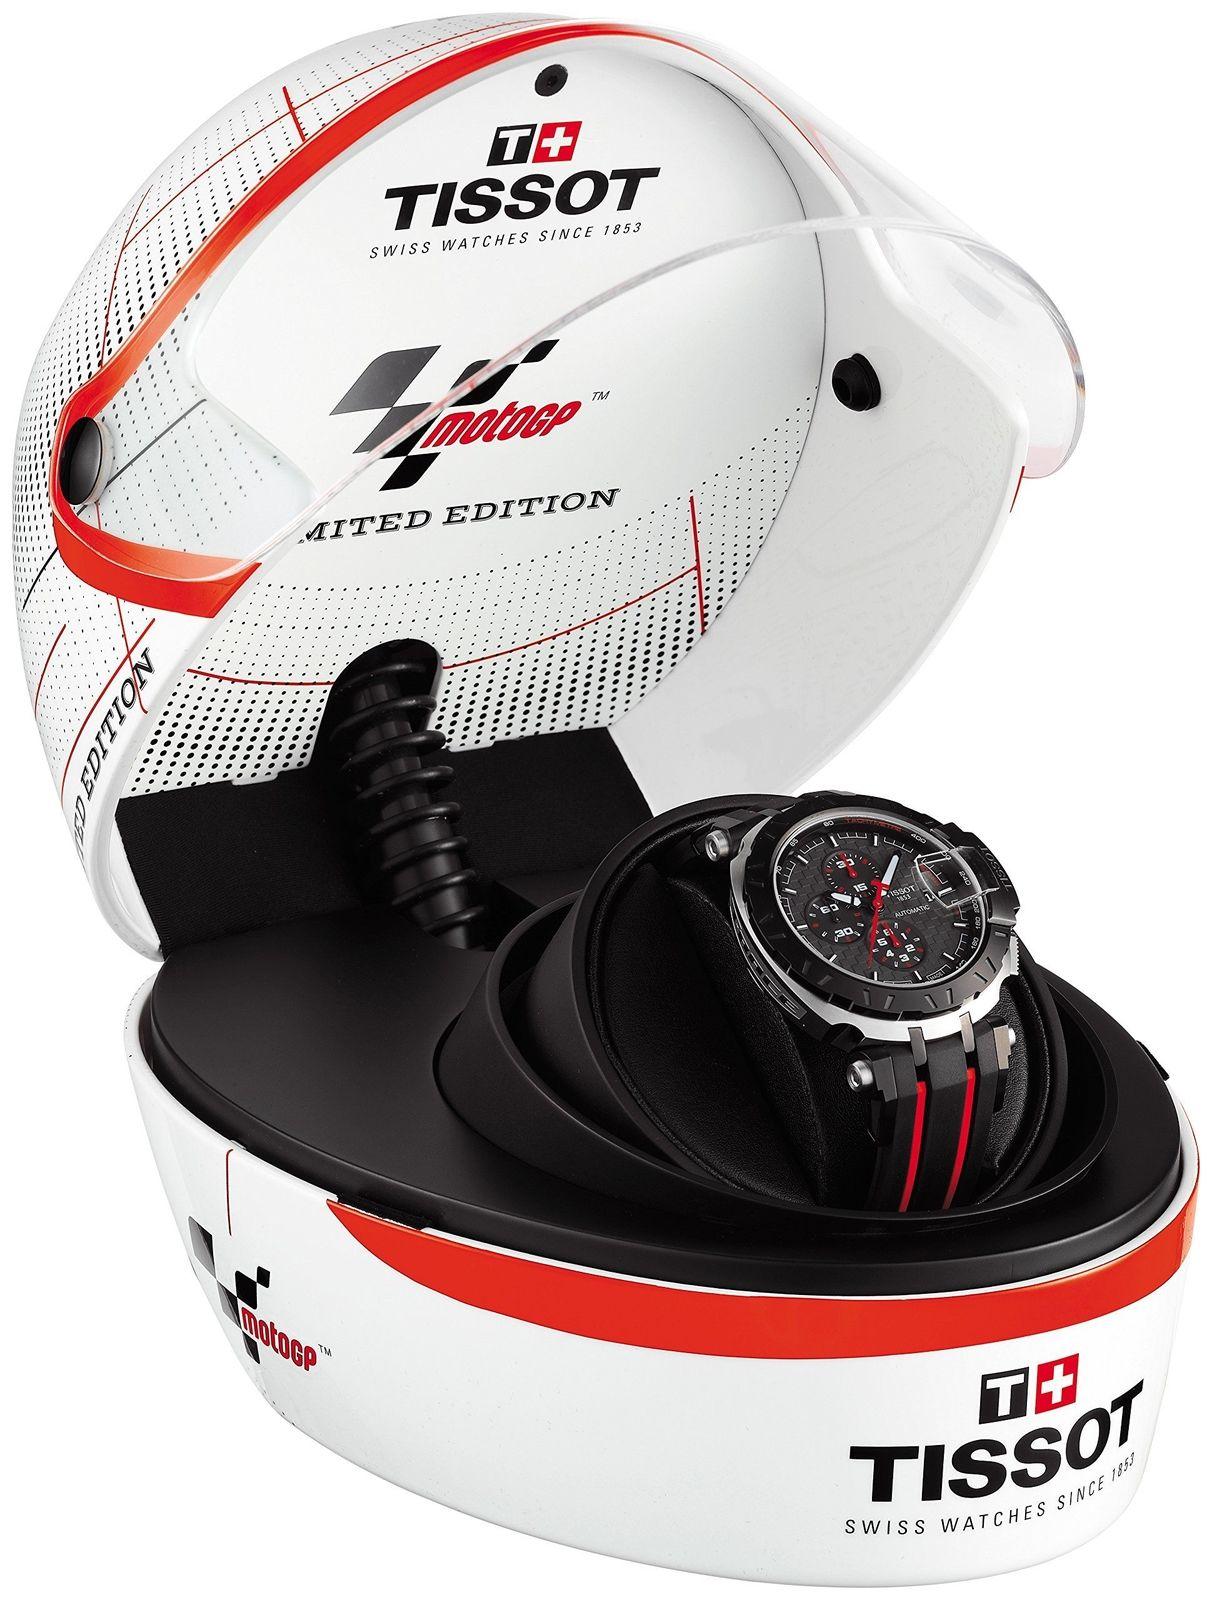 นาฬิกาผู้ชาย Tissot รุ่น T0924272706100, T-Race MotoGP 2015